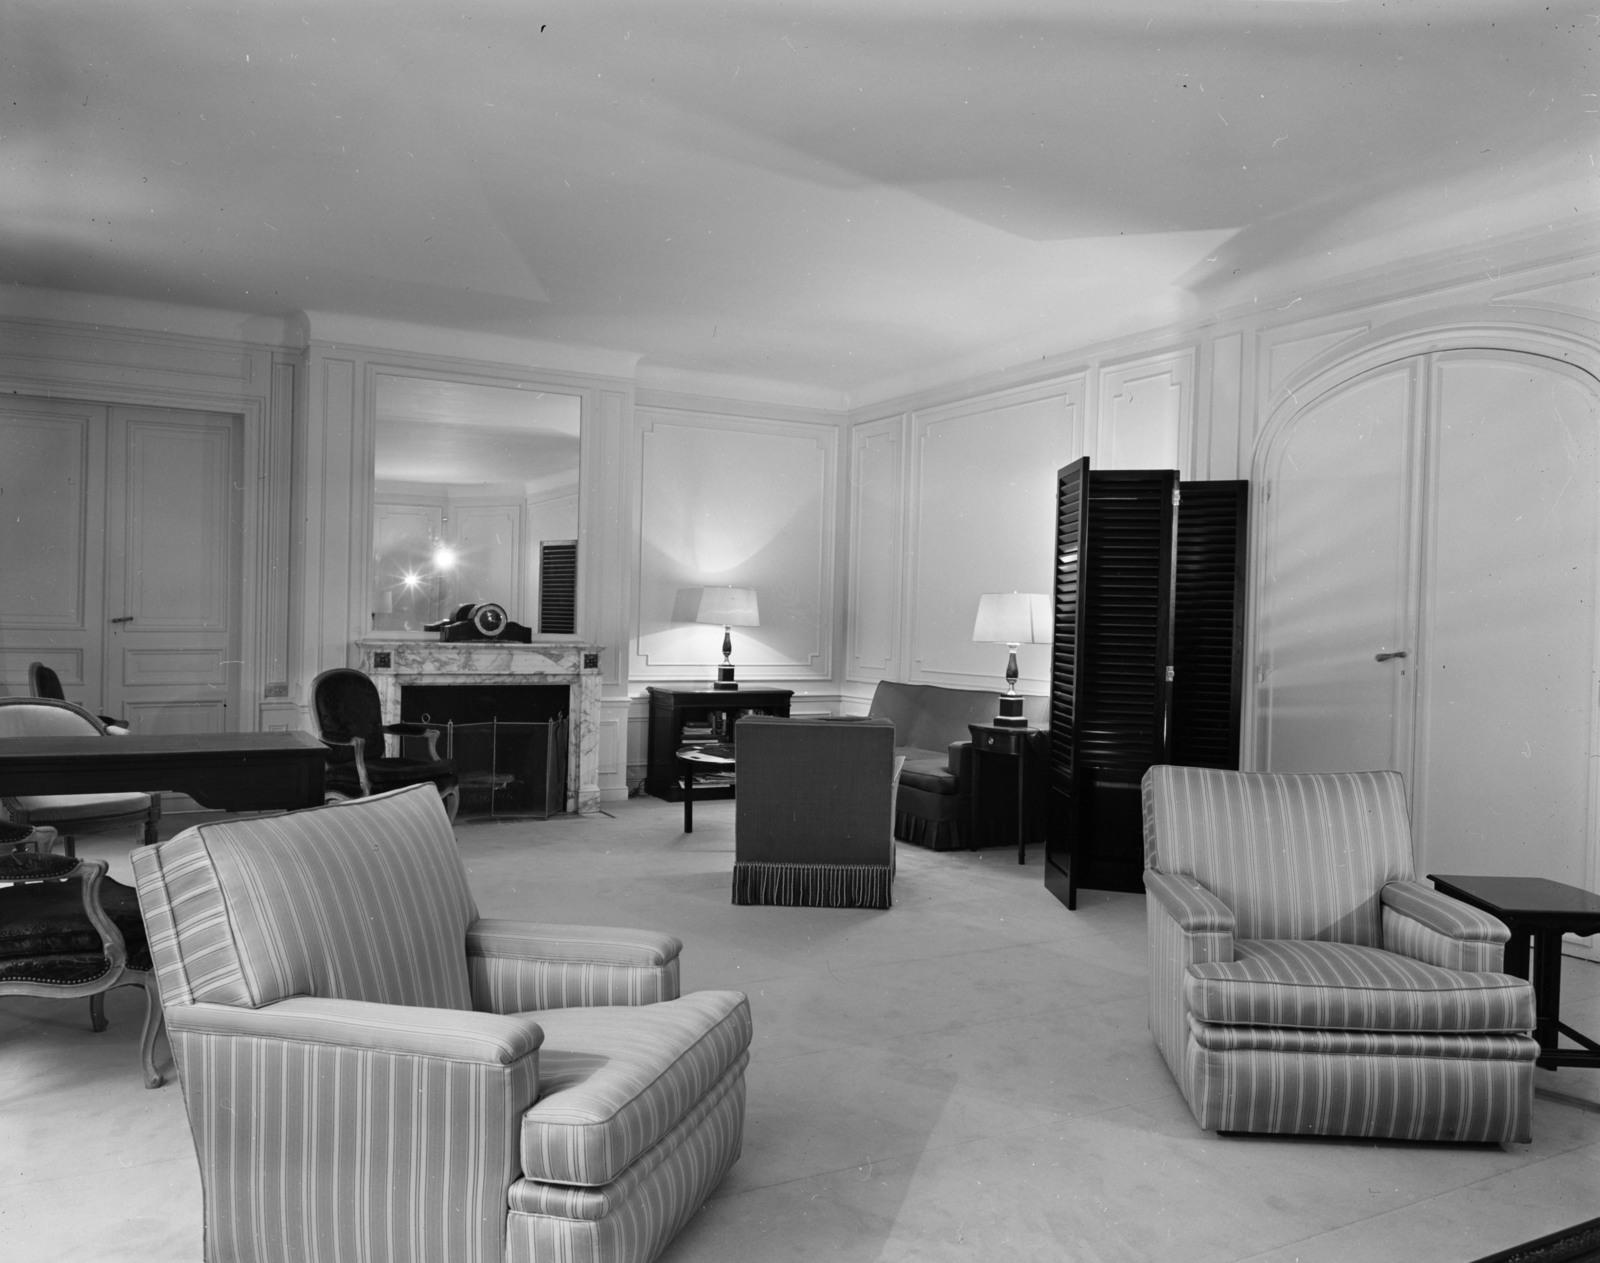 [Paris Apartment of Brigadier General Phillips]